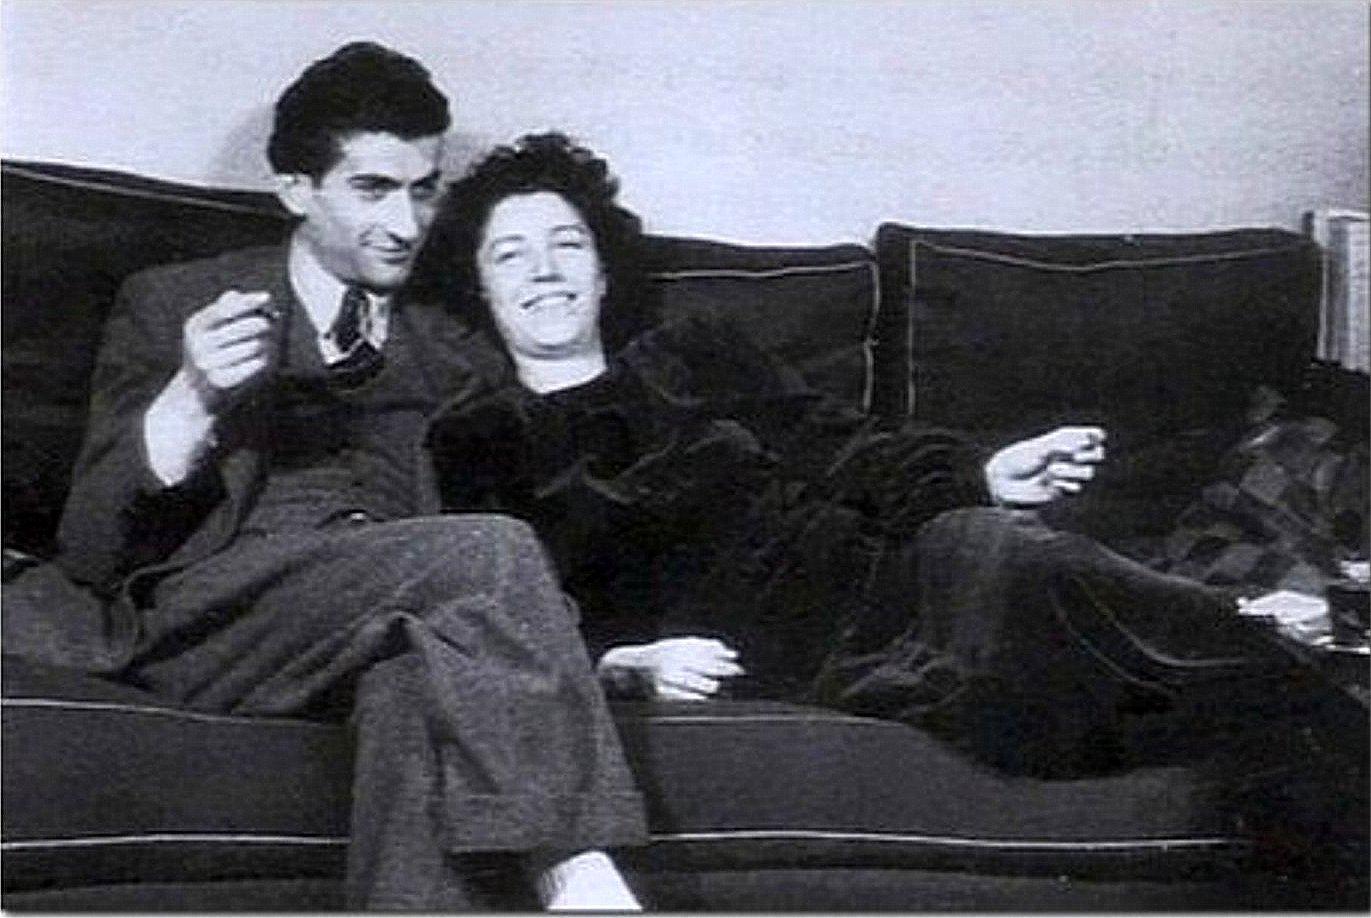 Луи и Жанна де Фюнес.6.3.jpg